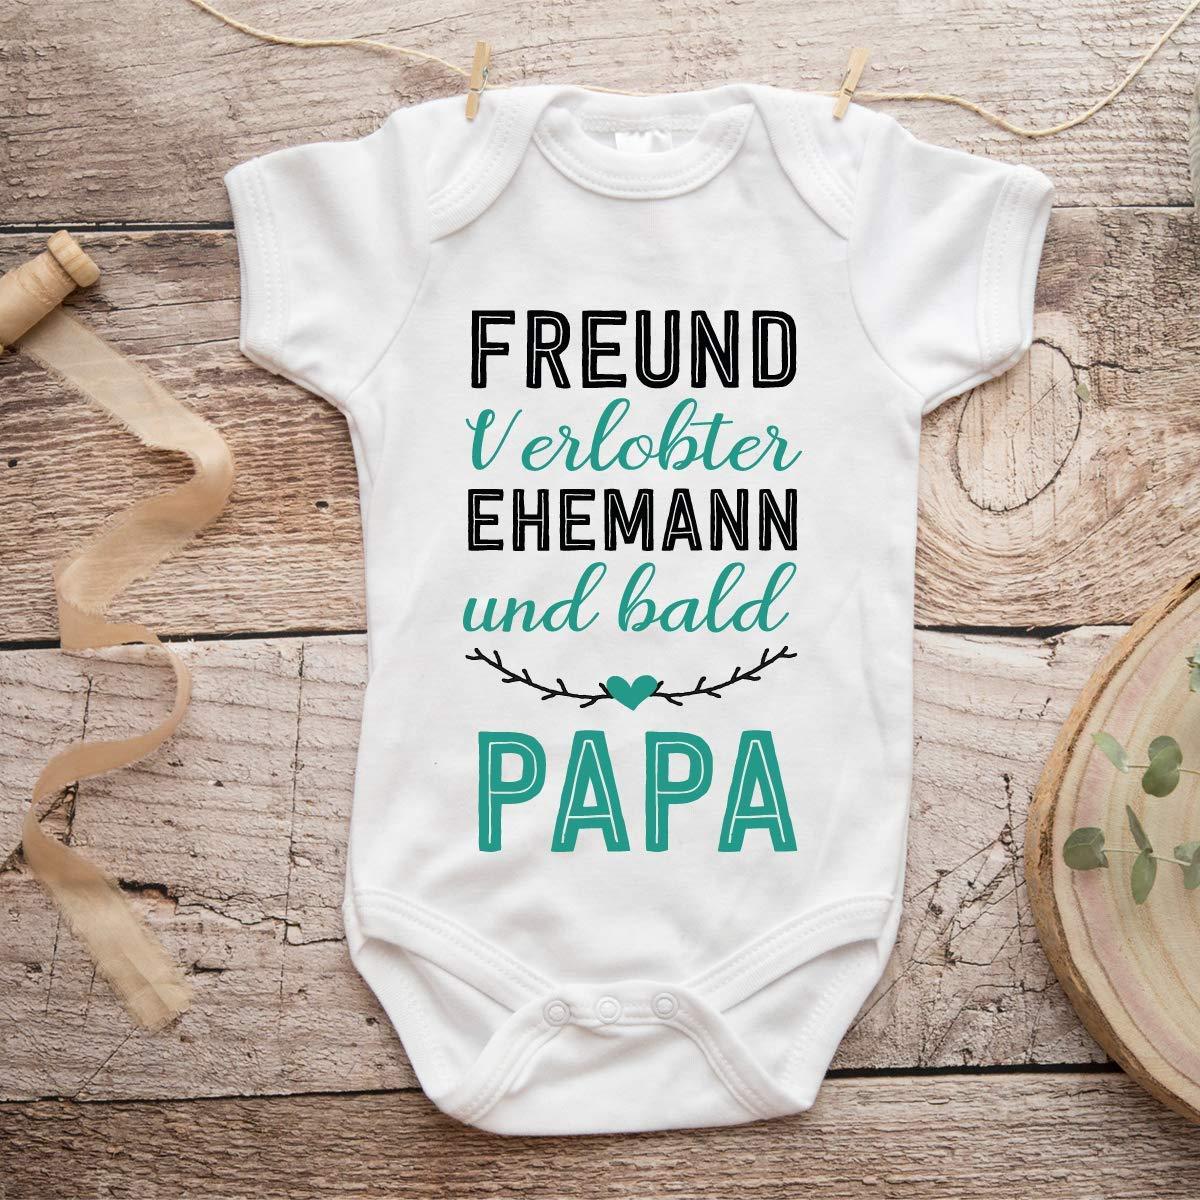 zur Verk/ündung der Schwangerschaft Geschenkidee Jungen M/ädchen kurzarm Body f/ür NeugeboreneDu wirst Papa Verlobten f/ür Freund Ehemann